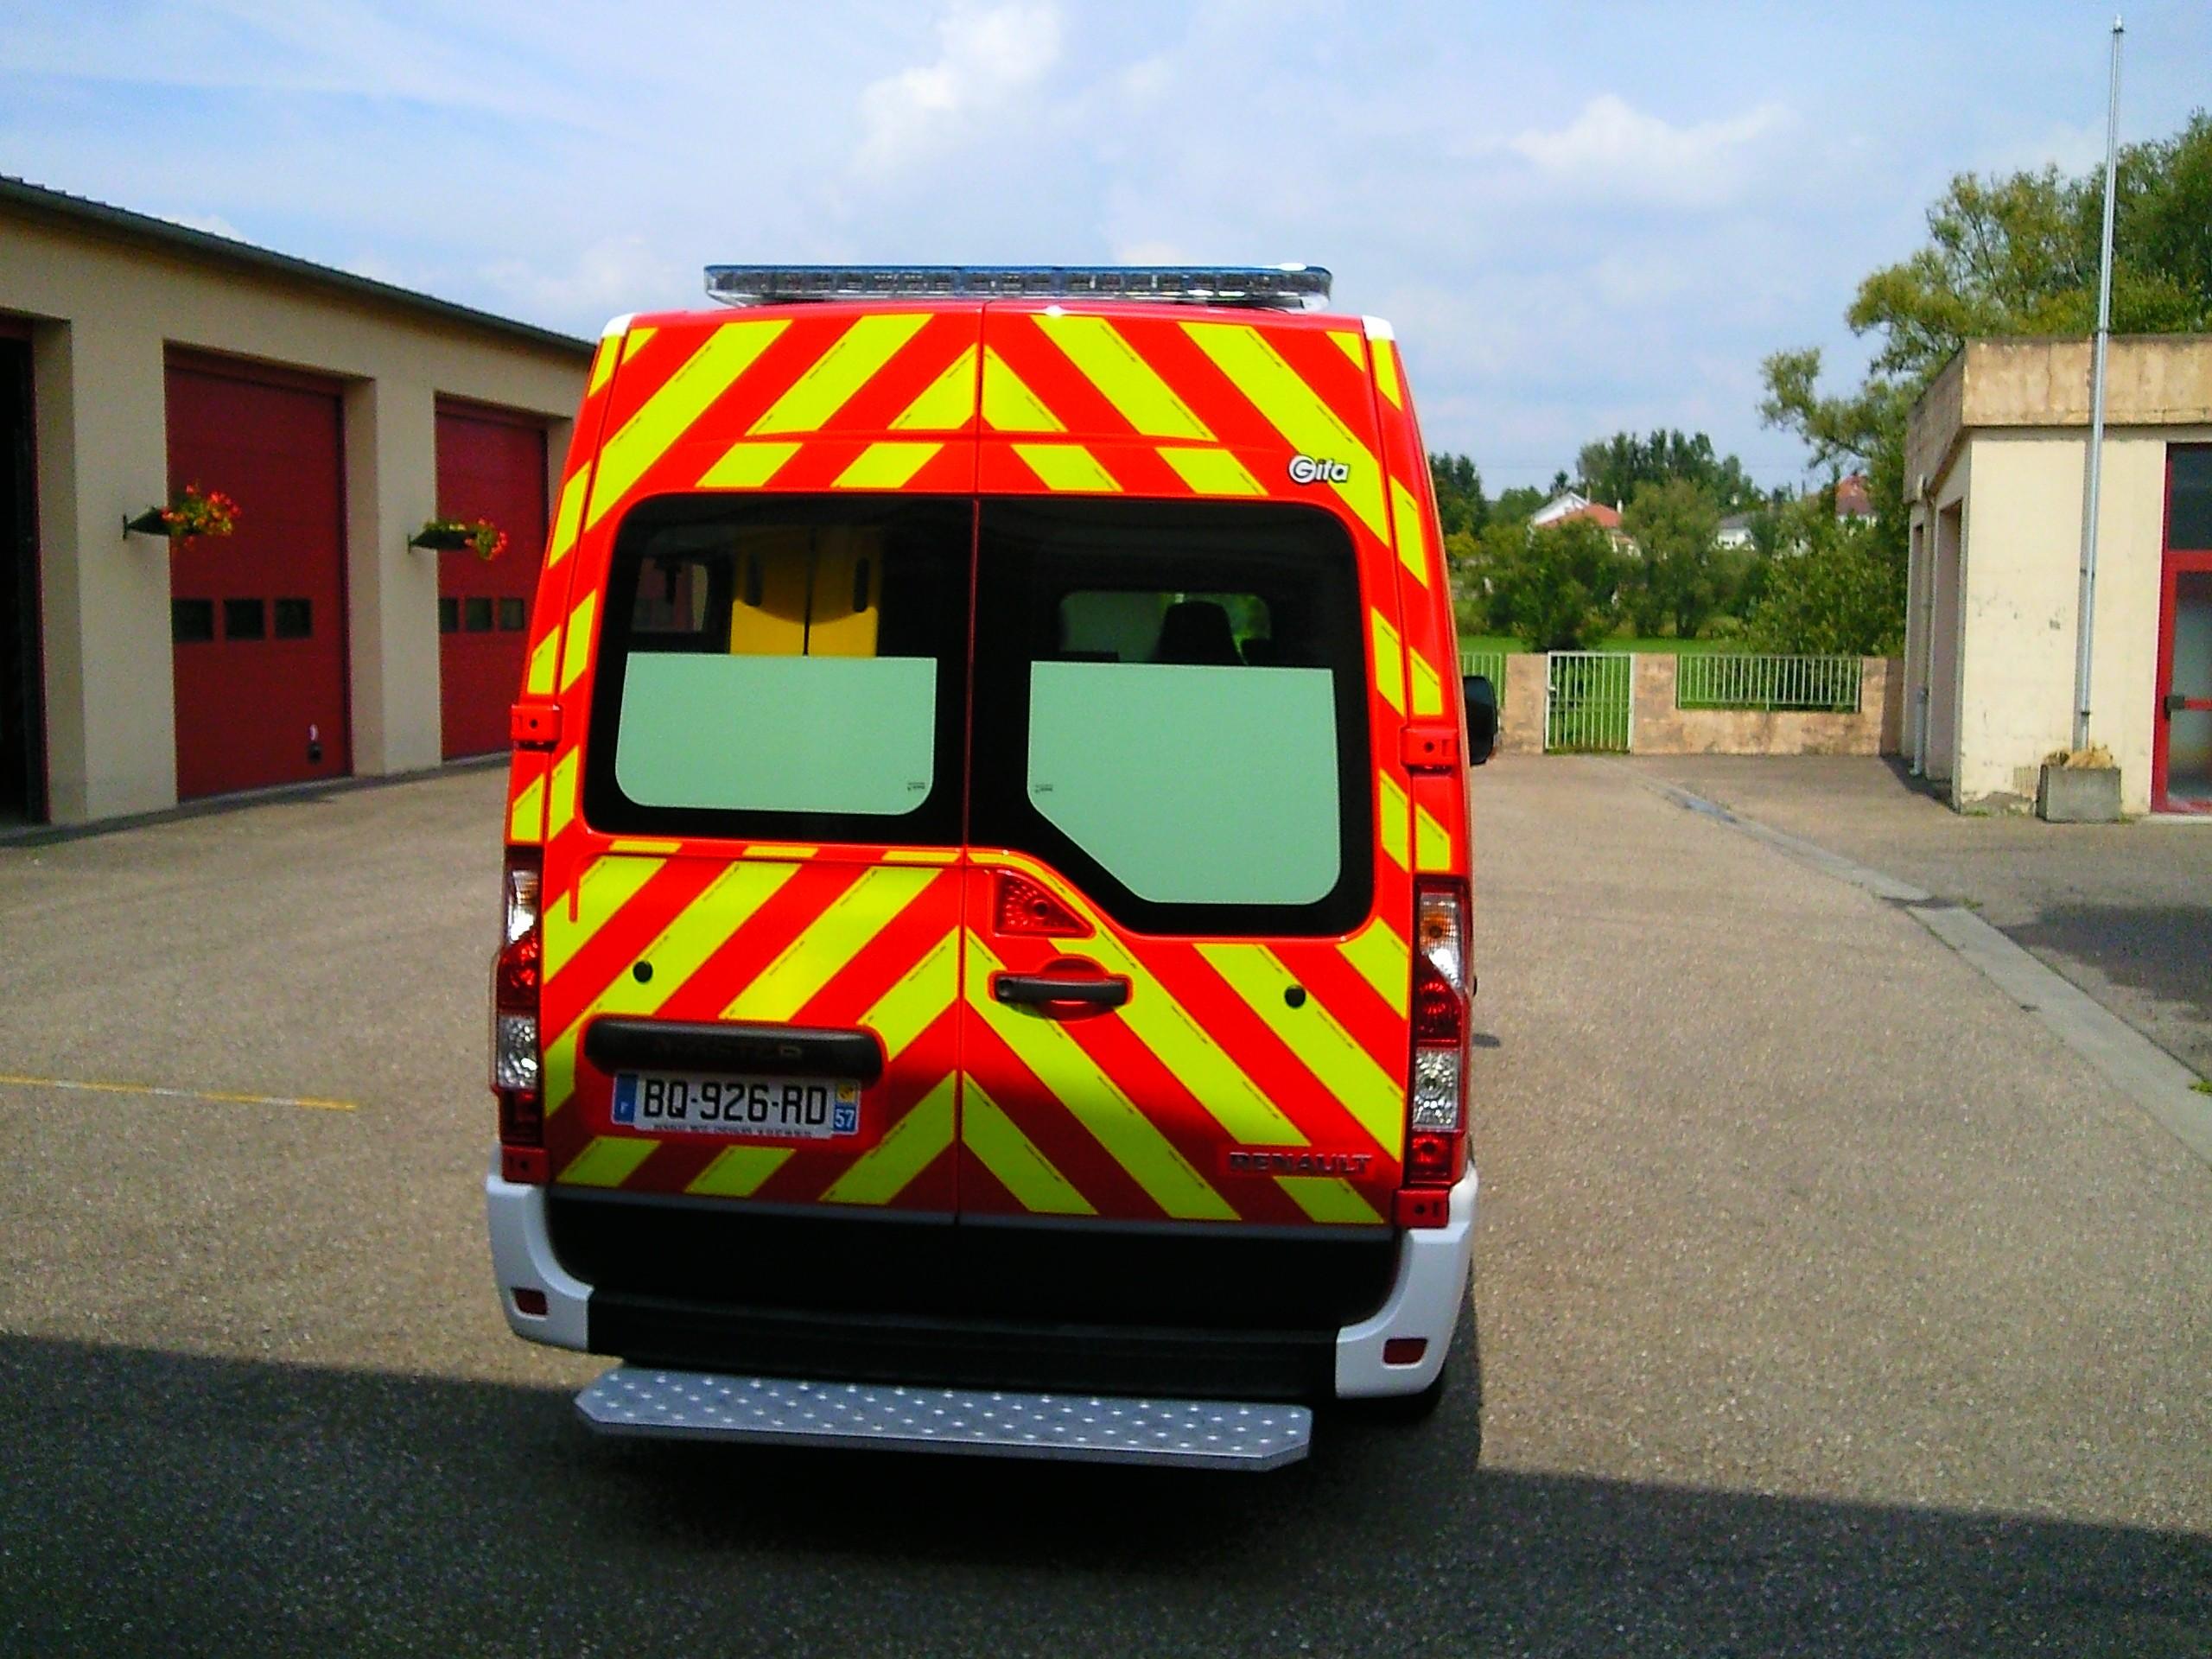 V hicules des pompiers fran ais page 890 auto titre for Garage bouzonville auto